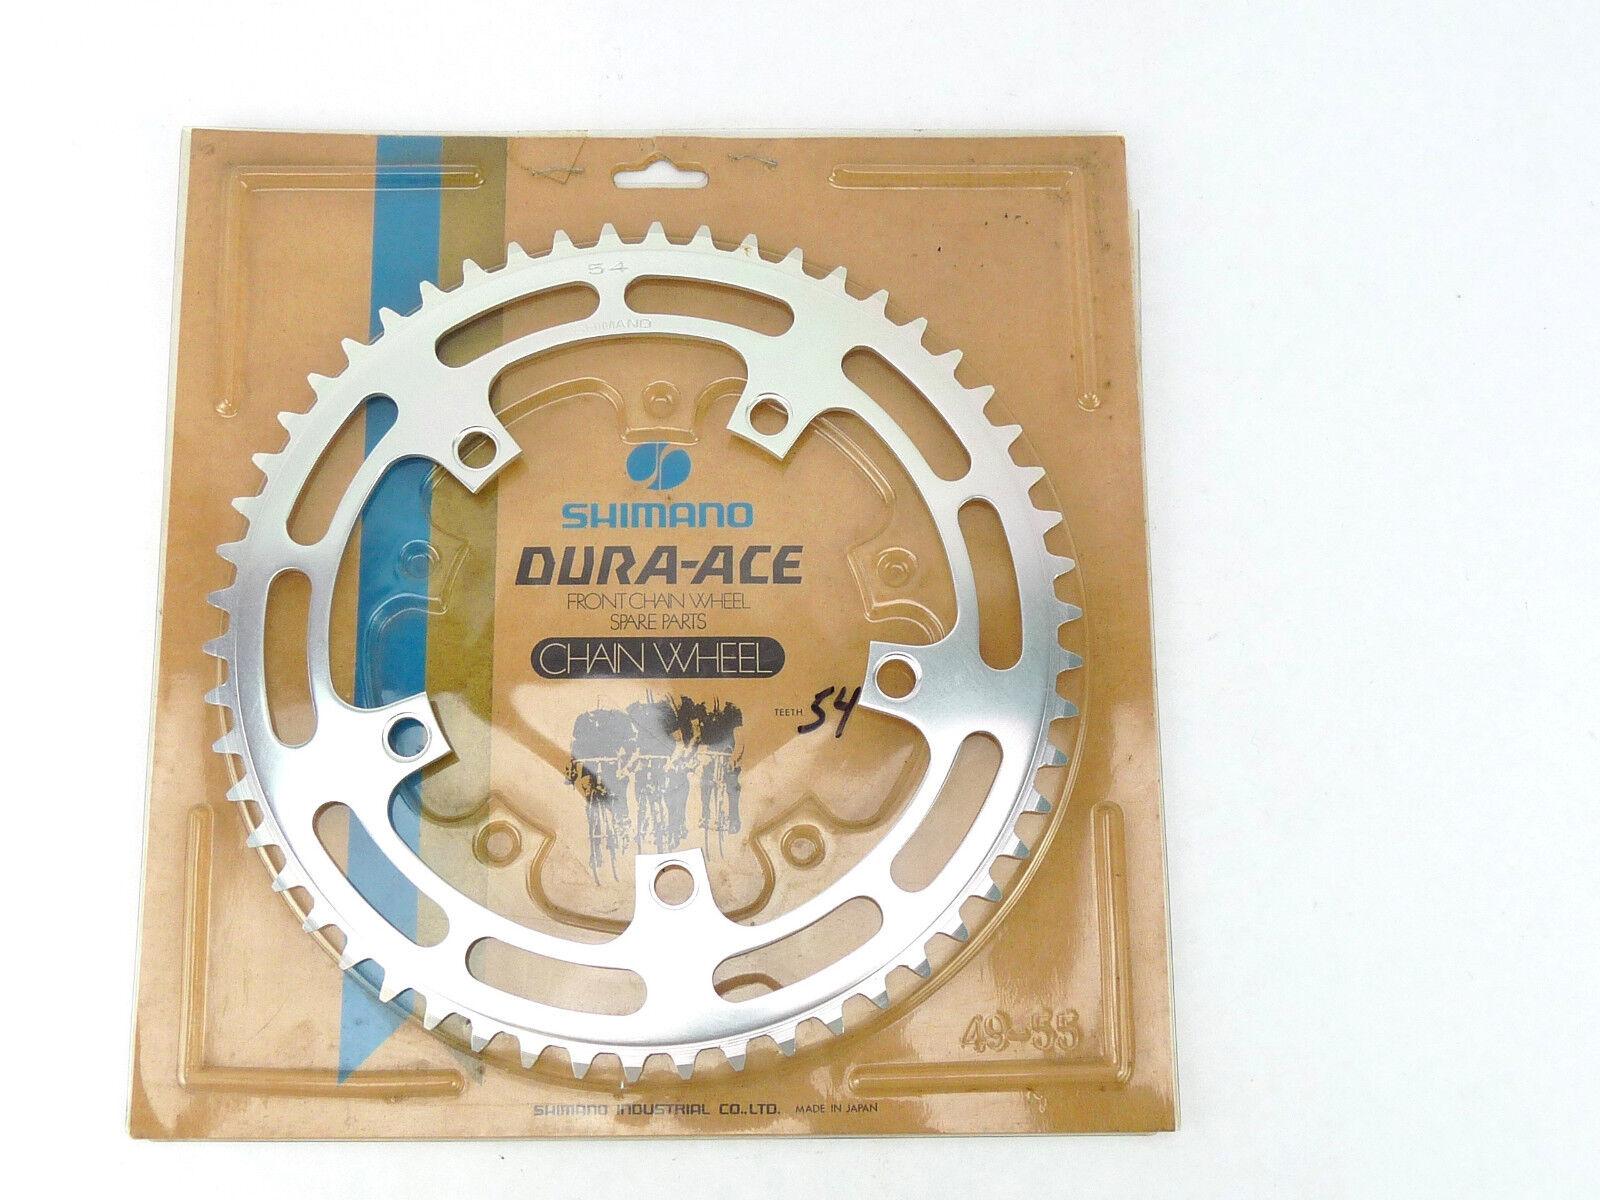 Shimano Dura Ace PLATO 54t 130 Dispositivo De Control De Flotabilidad Vintage Bike Nuevo Viejo Stock